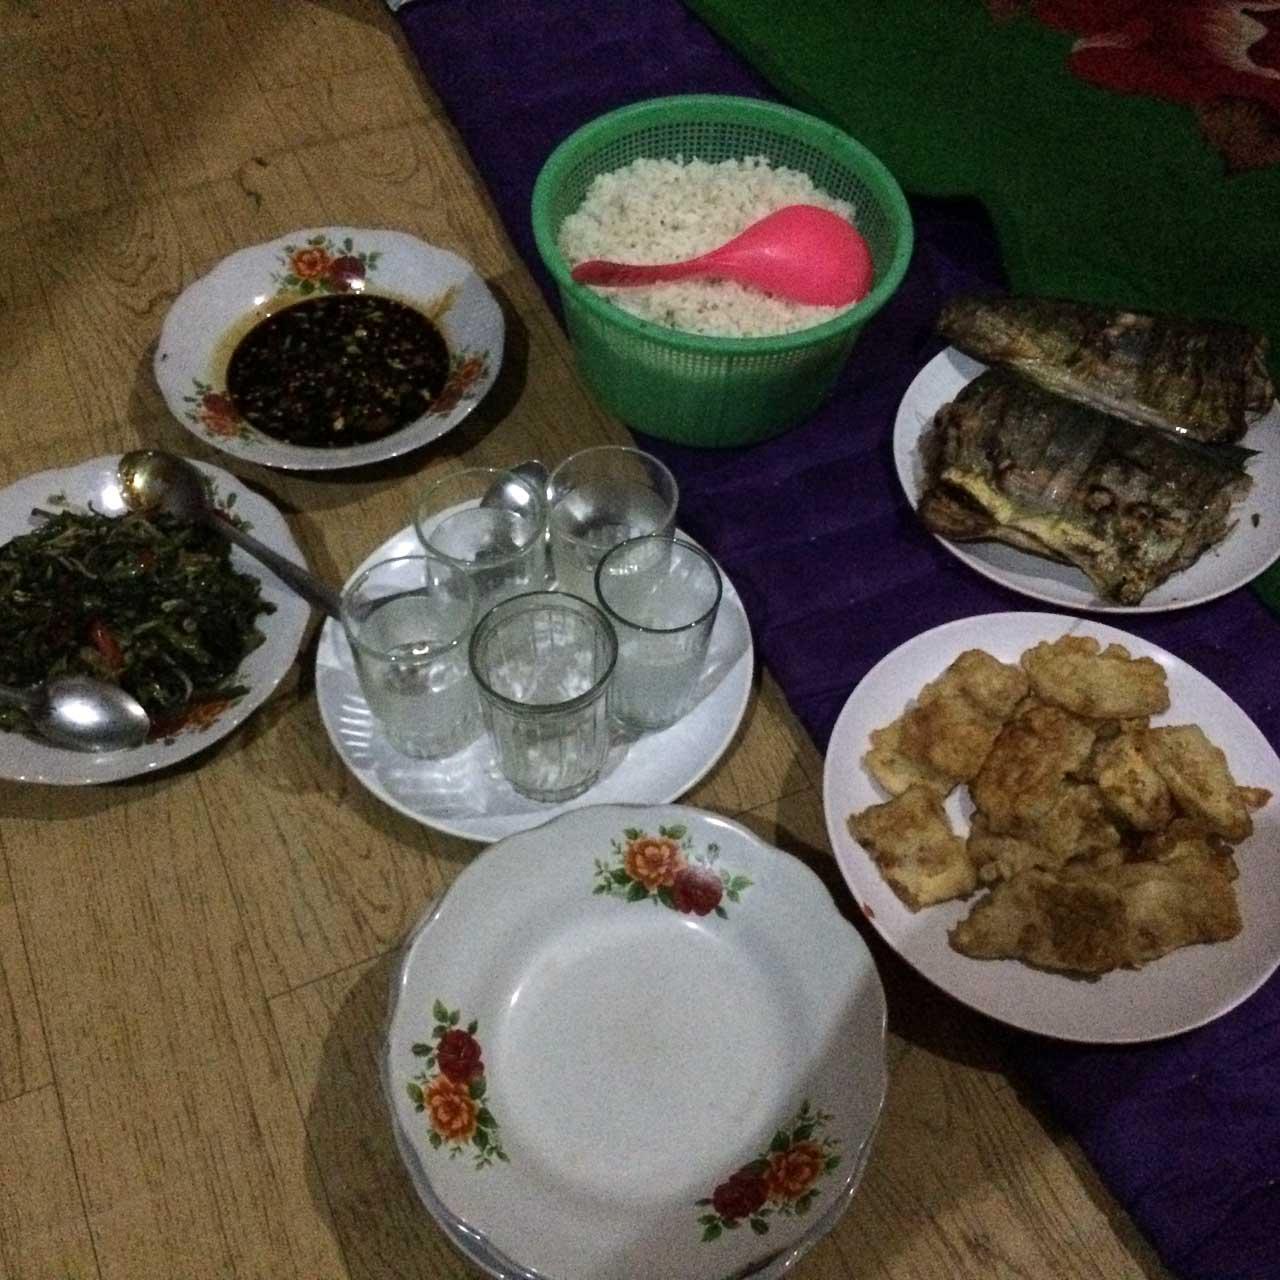 menu makan di penginapan teluk kiluan - yopie pangkey